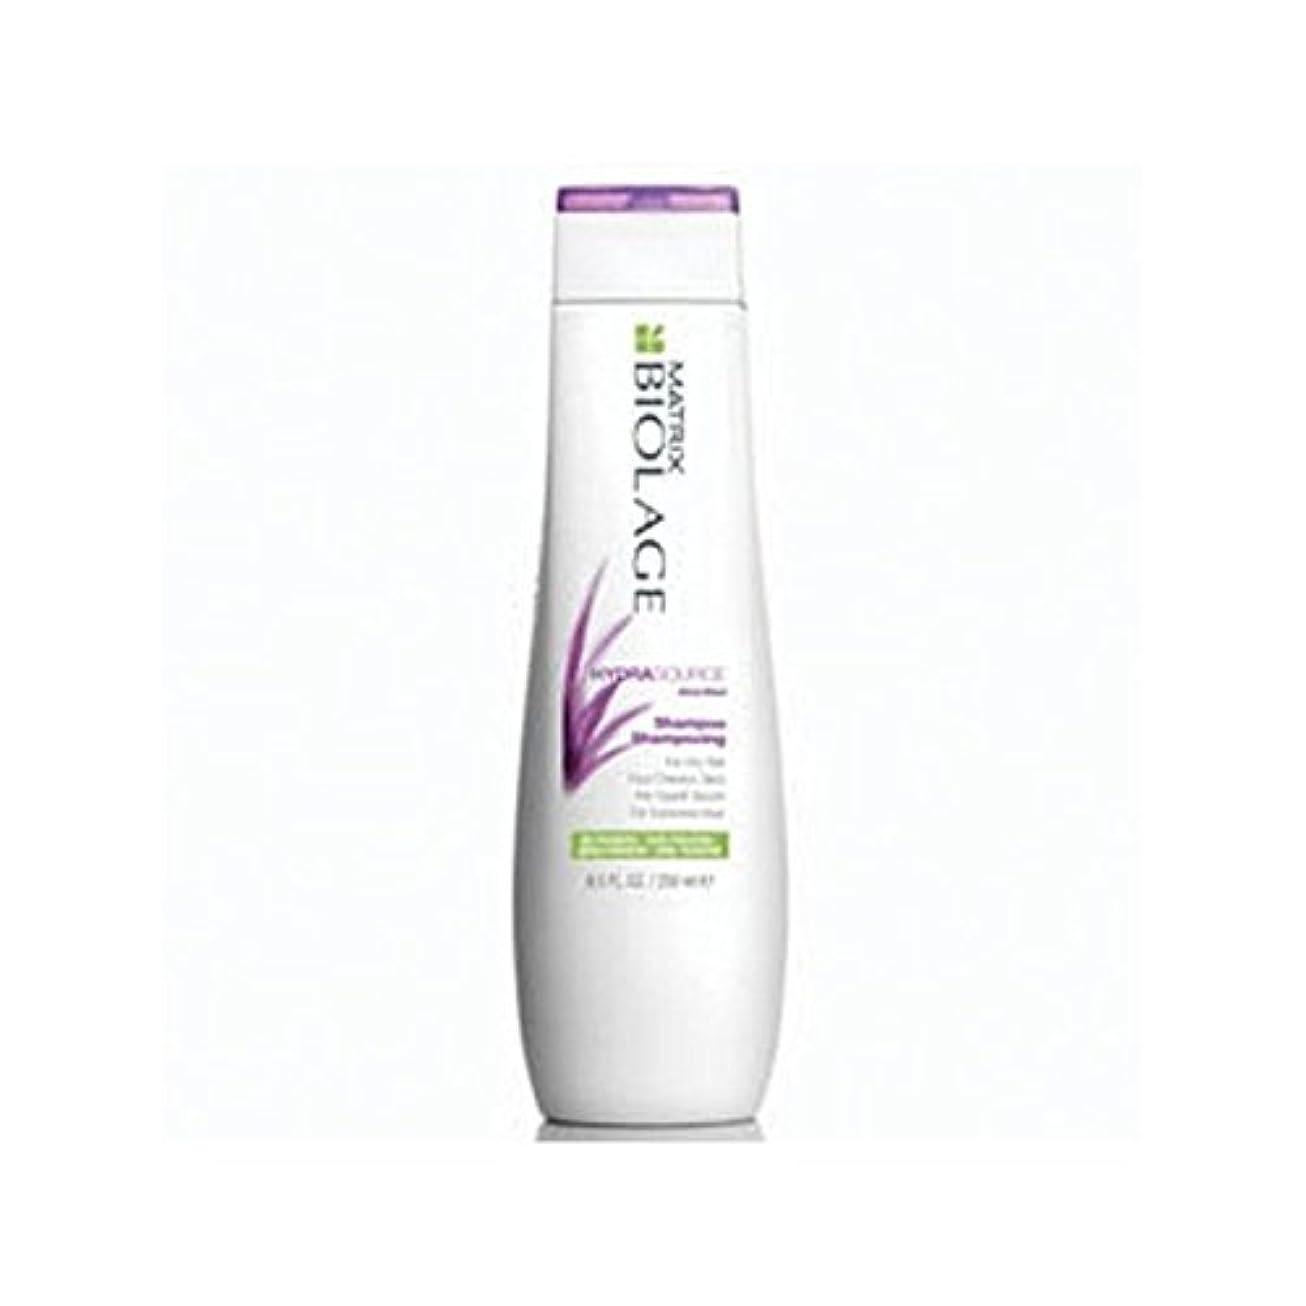 マトリックスバイオレイジのシャンプー(250ミリリットル) x4 - Matrix Biolage Hydrasource Shampoo (250ml) (Pack of 4) [並行輸入品]